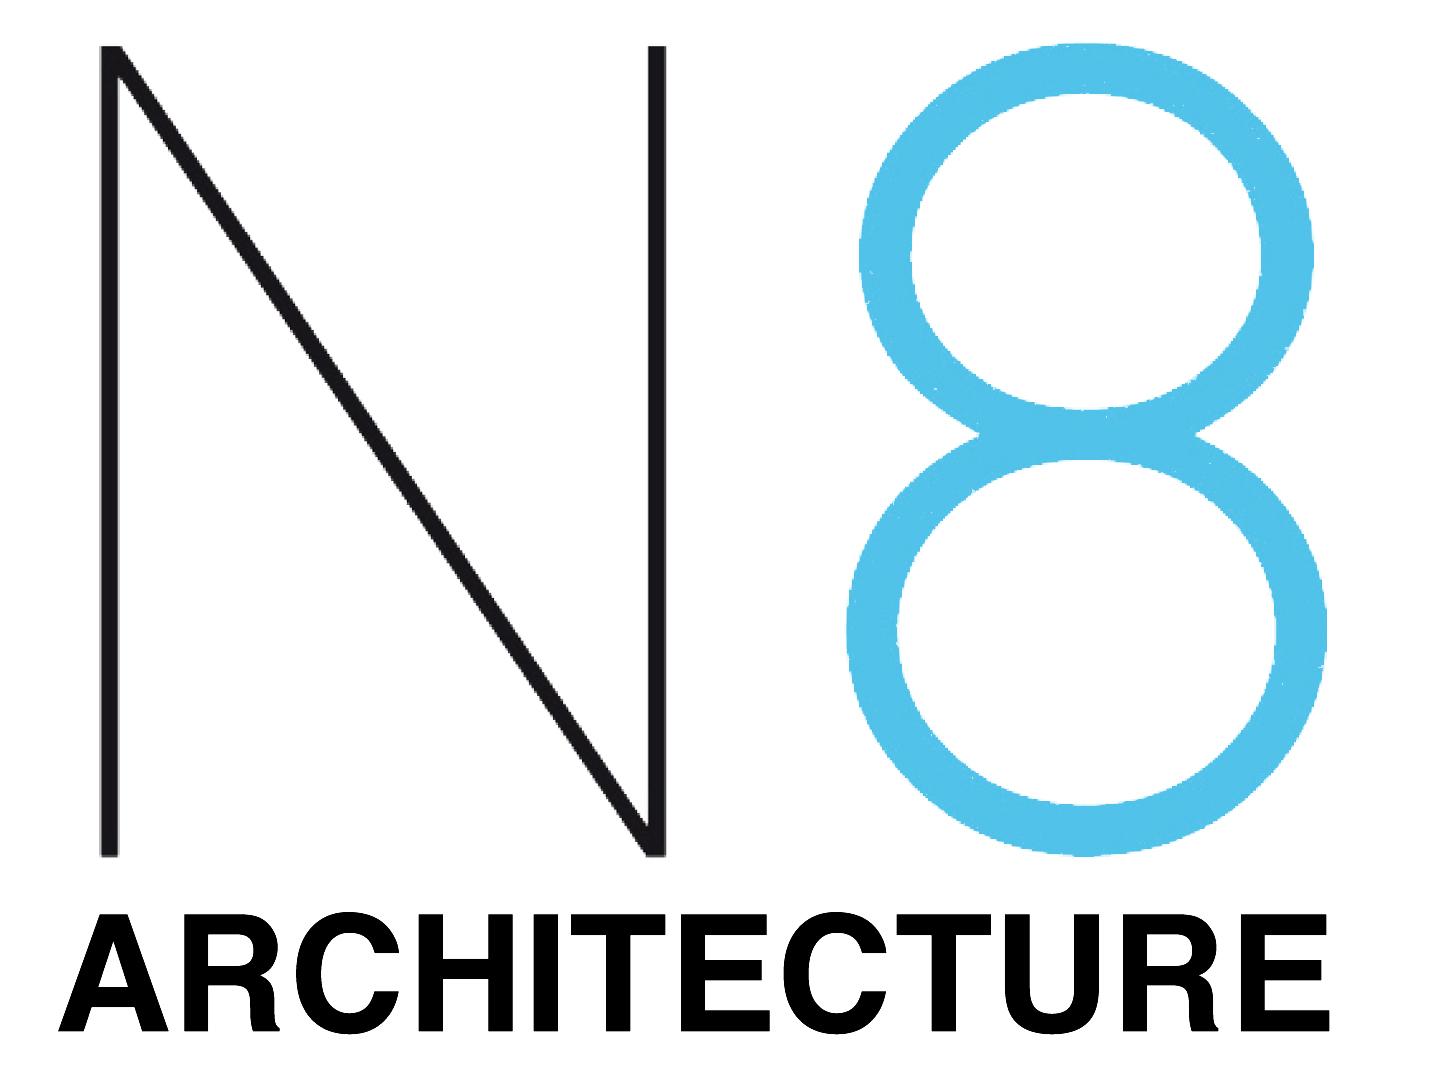 Bureau d'architecture N8 – Secteur Architecture & Urbanisme (Faculté des Sciences Appliquées - ULiège)